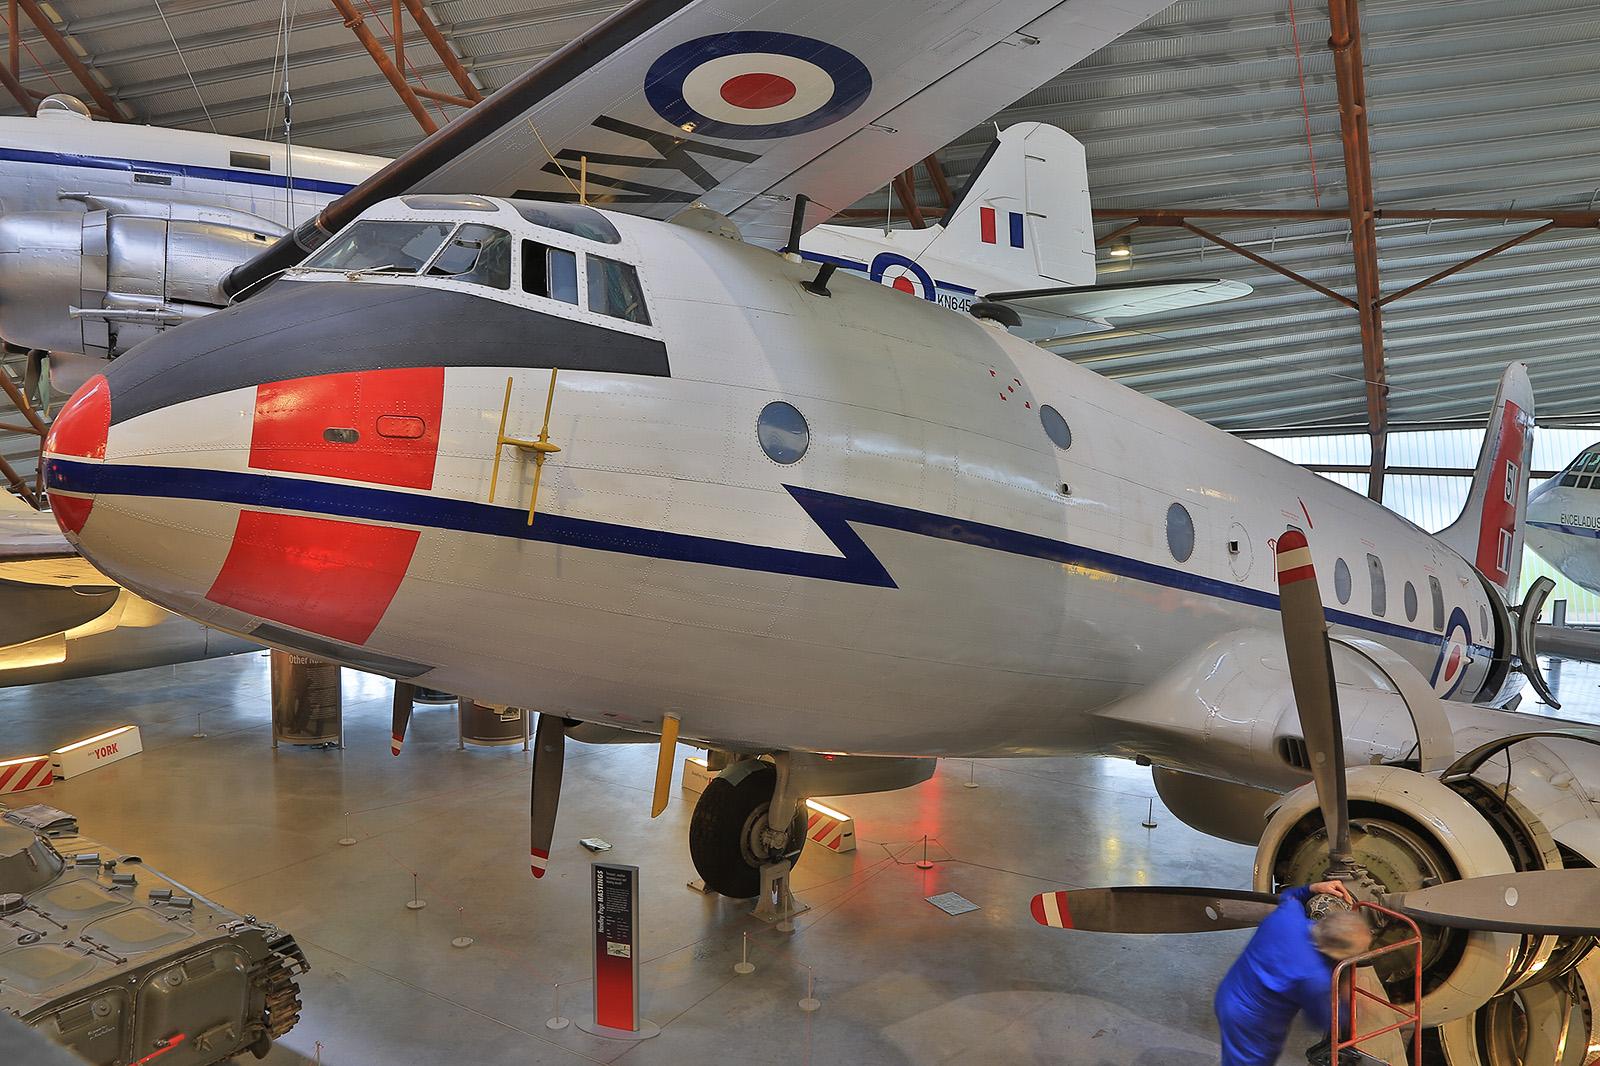 Die Handley Page Hastings war zu ihrer Zeit das größte speziell für die RAF entwickelte Transportflugzeug.